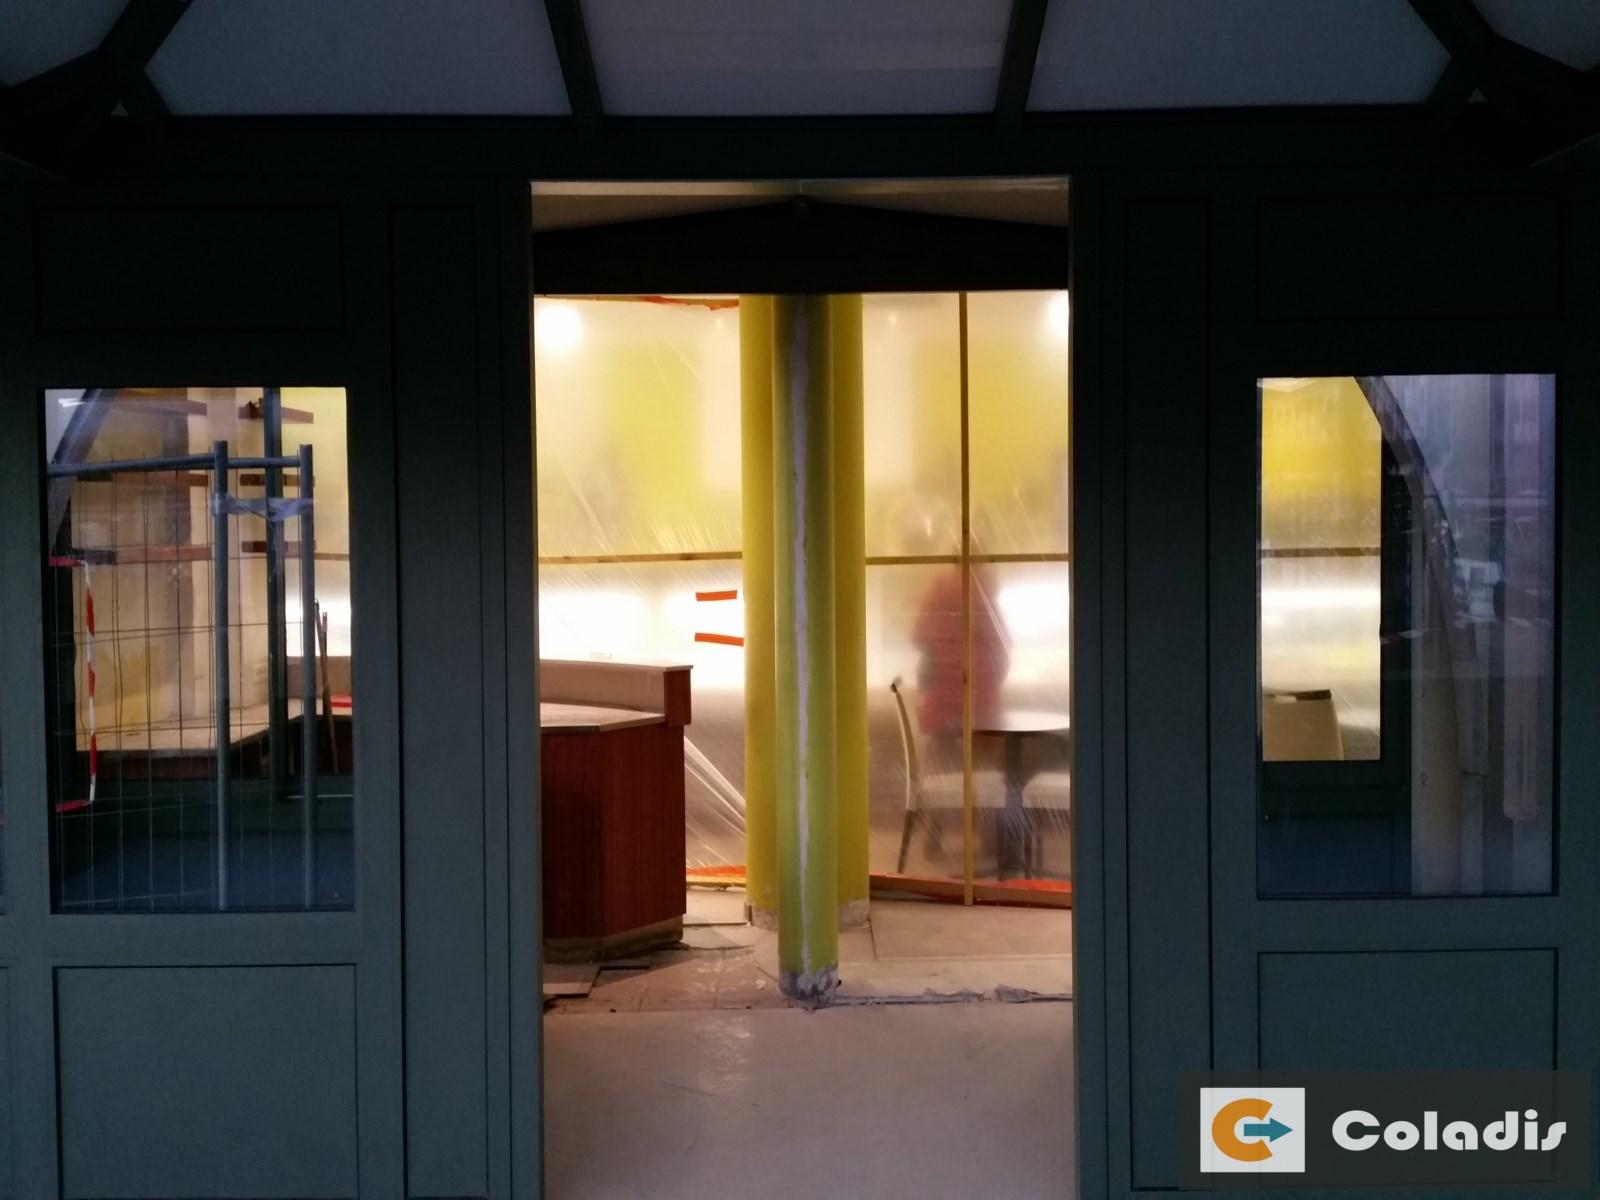 Coladis chantier véranda aménagement intérieur pour pro boulangerie montpellier hérault